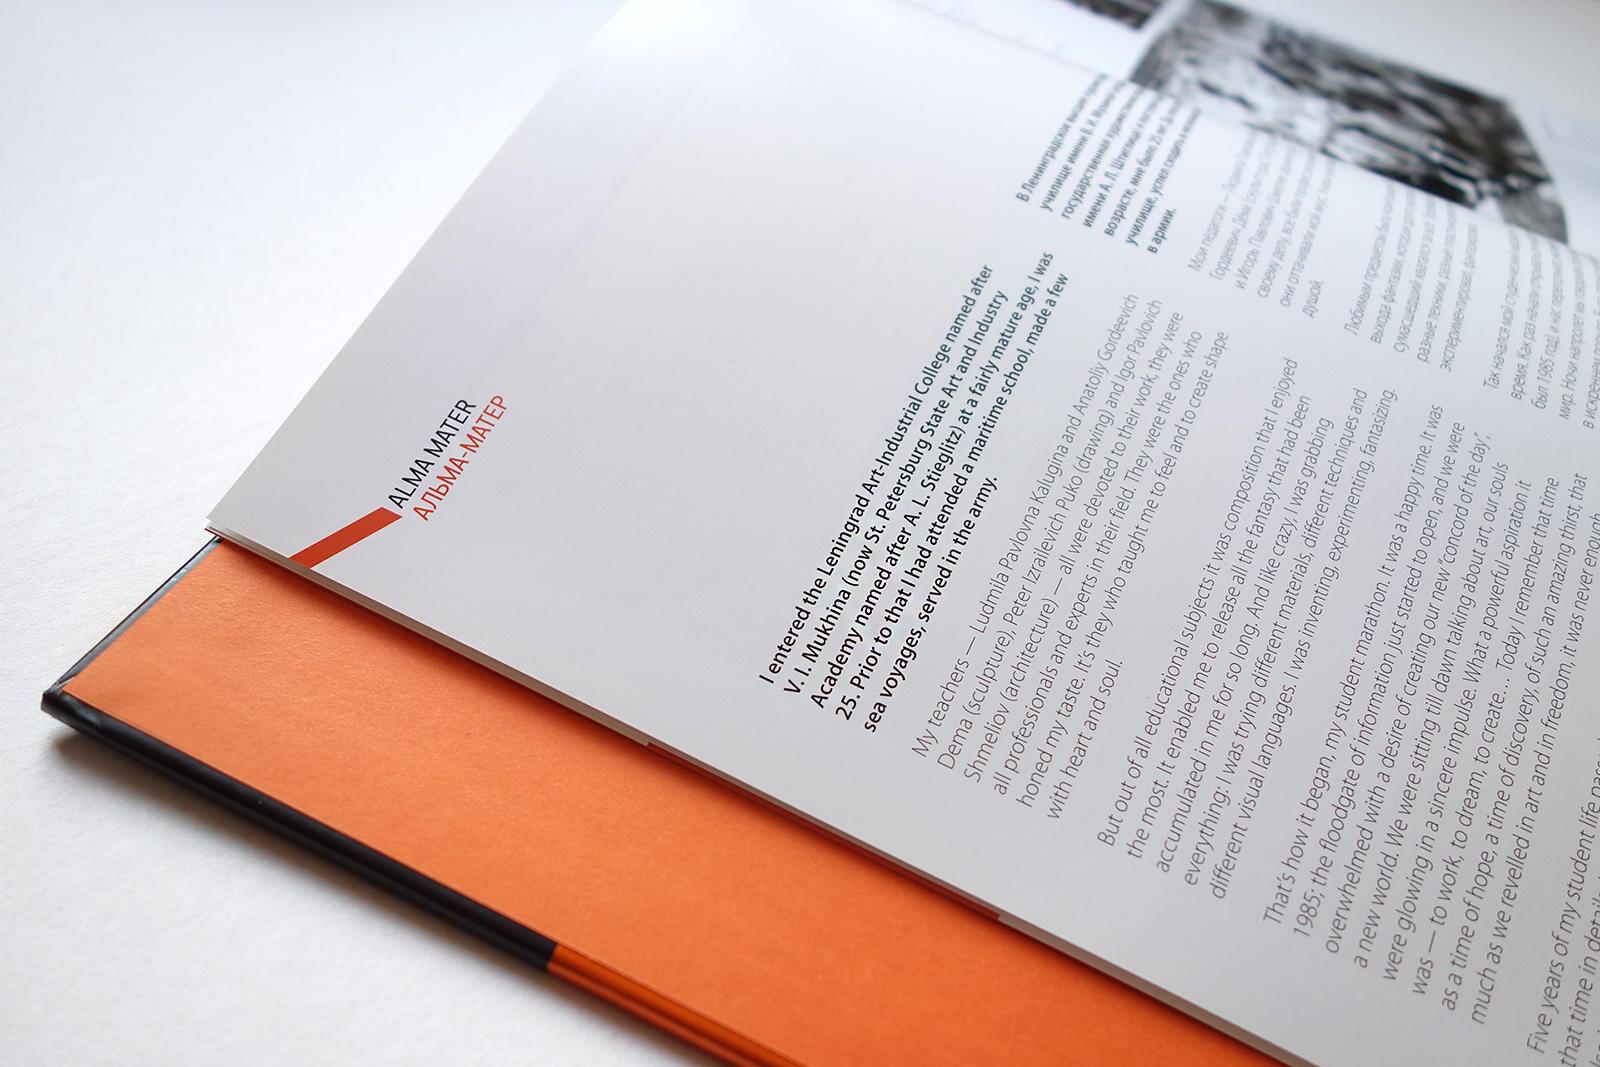 Asgard Branding, дизайн разворота альбома, печатные издания, дизайн книги, Михаил Рева